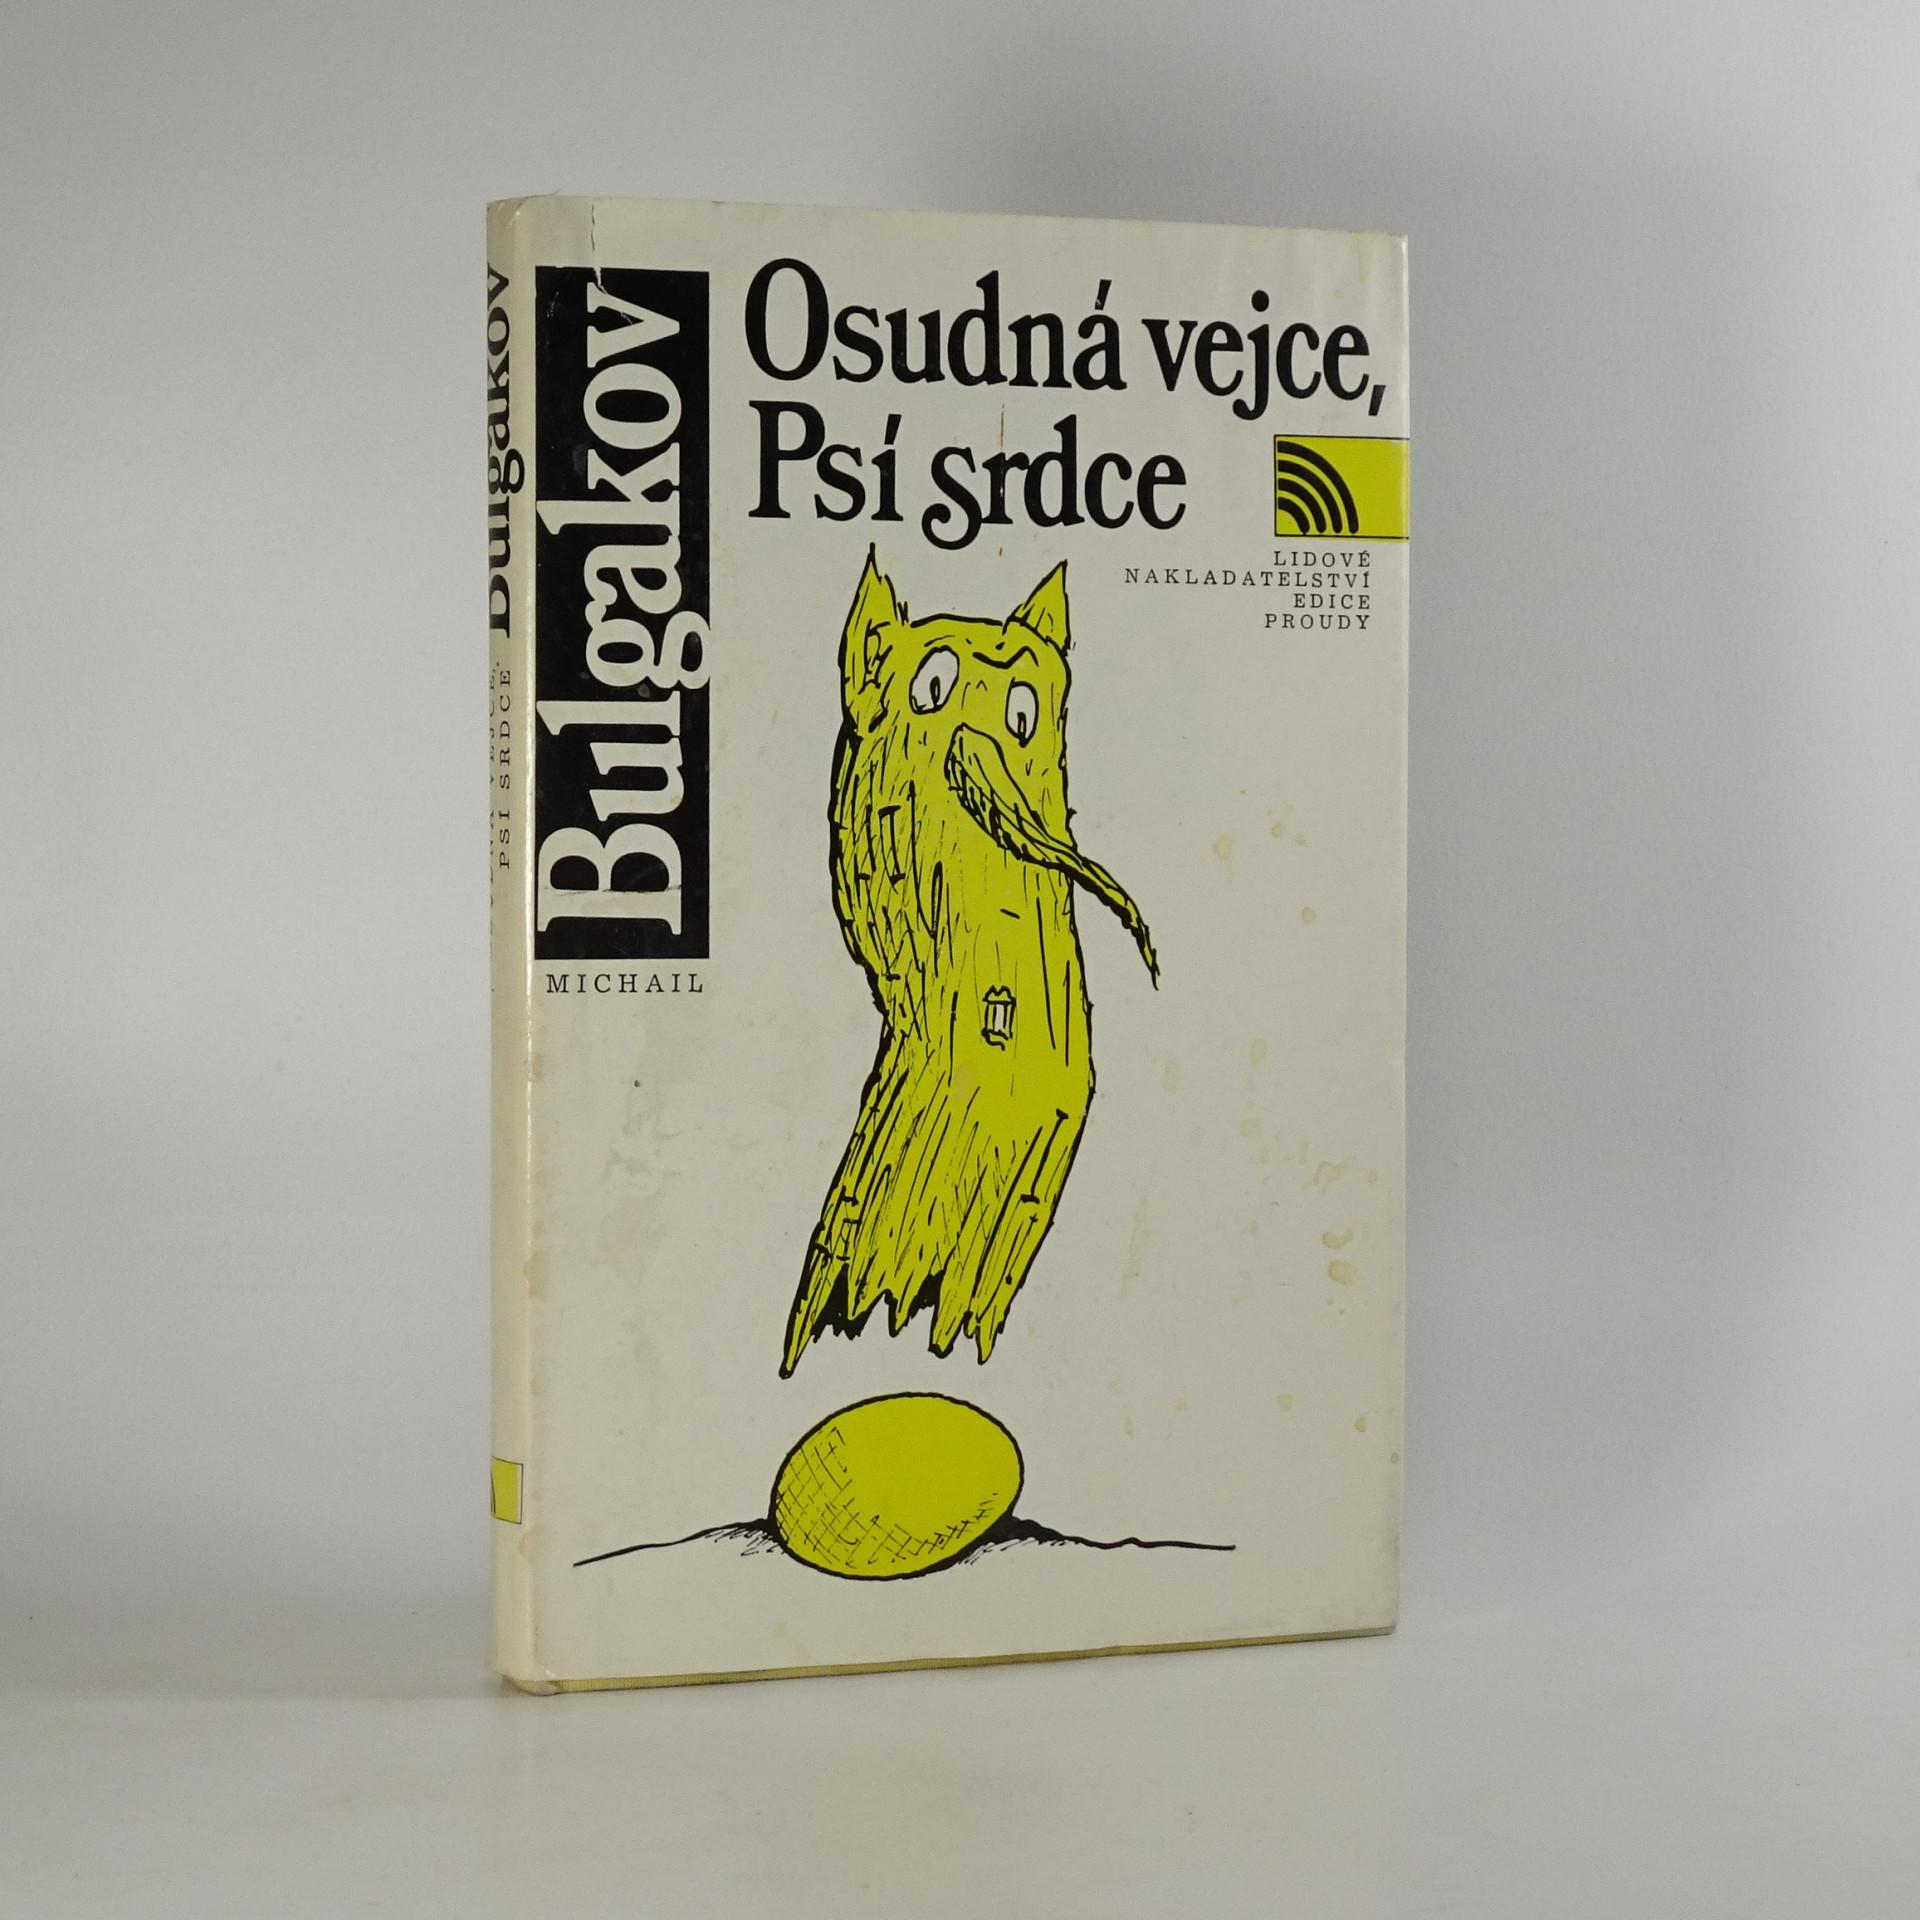 antikvární kniha Osudná vejce. Psí srdce, 1990